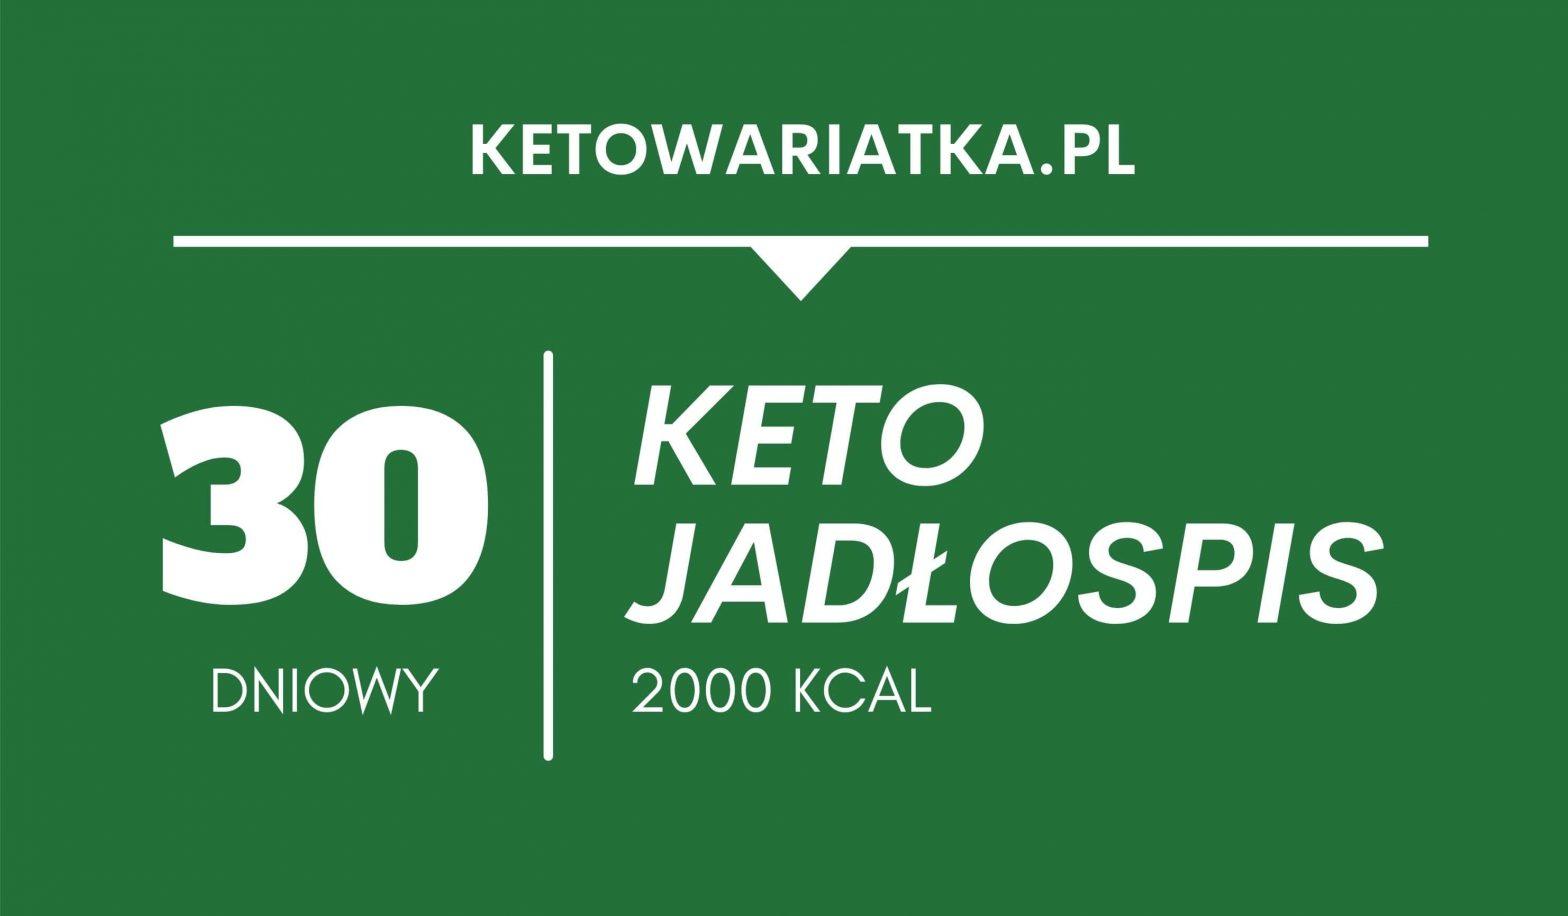 Keto jadłospis - 30 dni (2000 kcal)